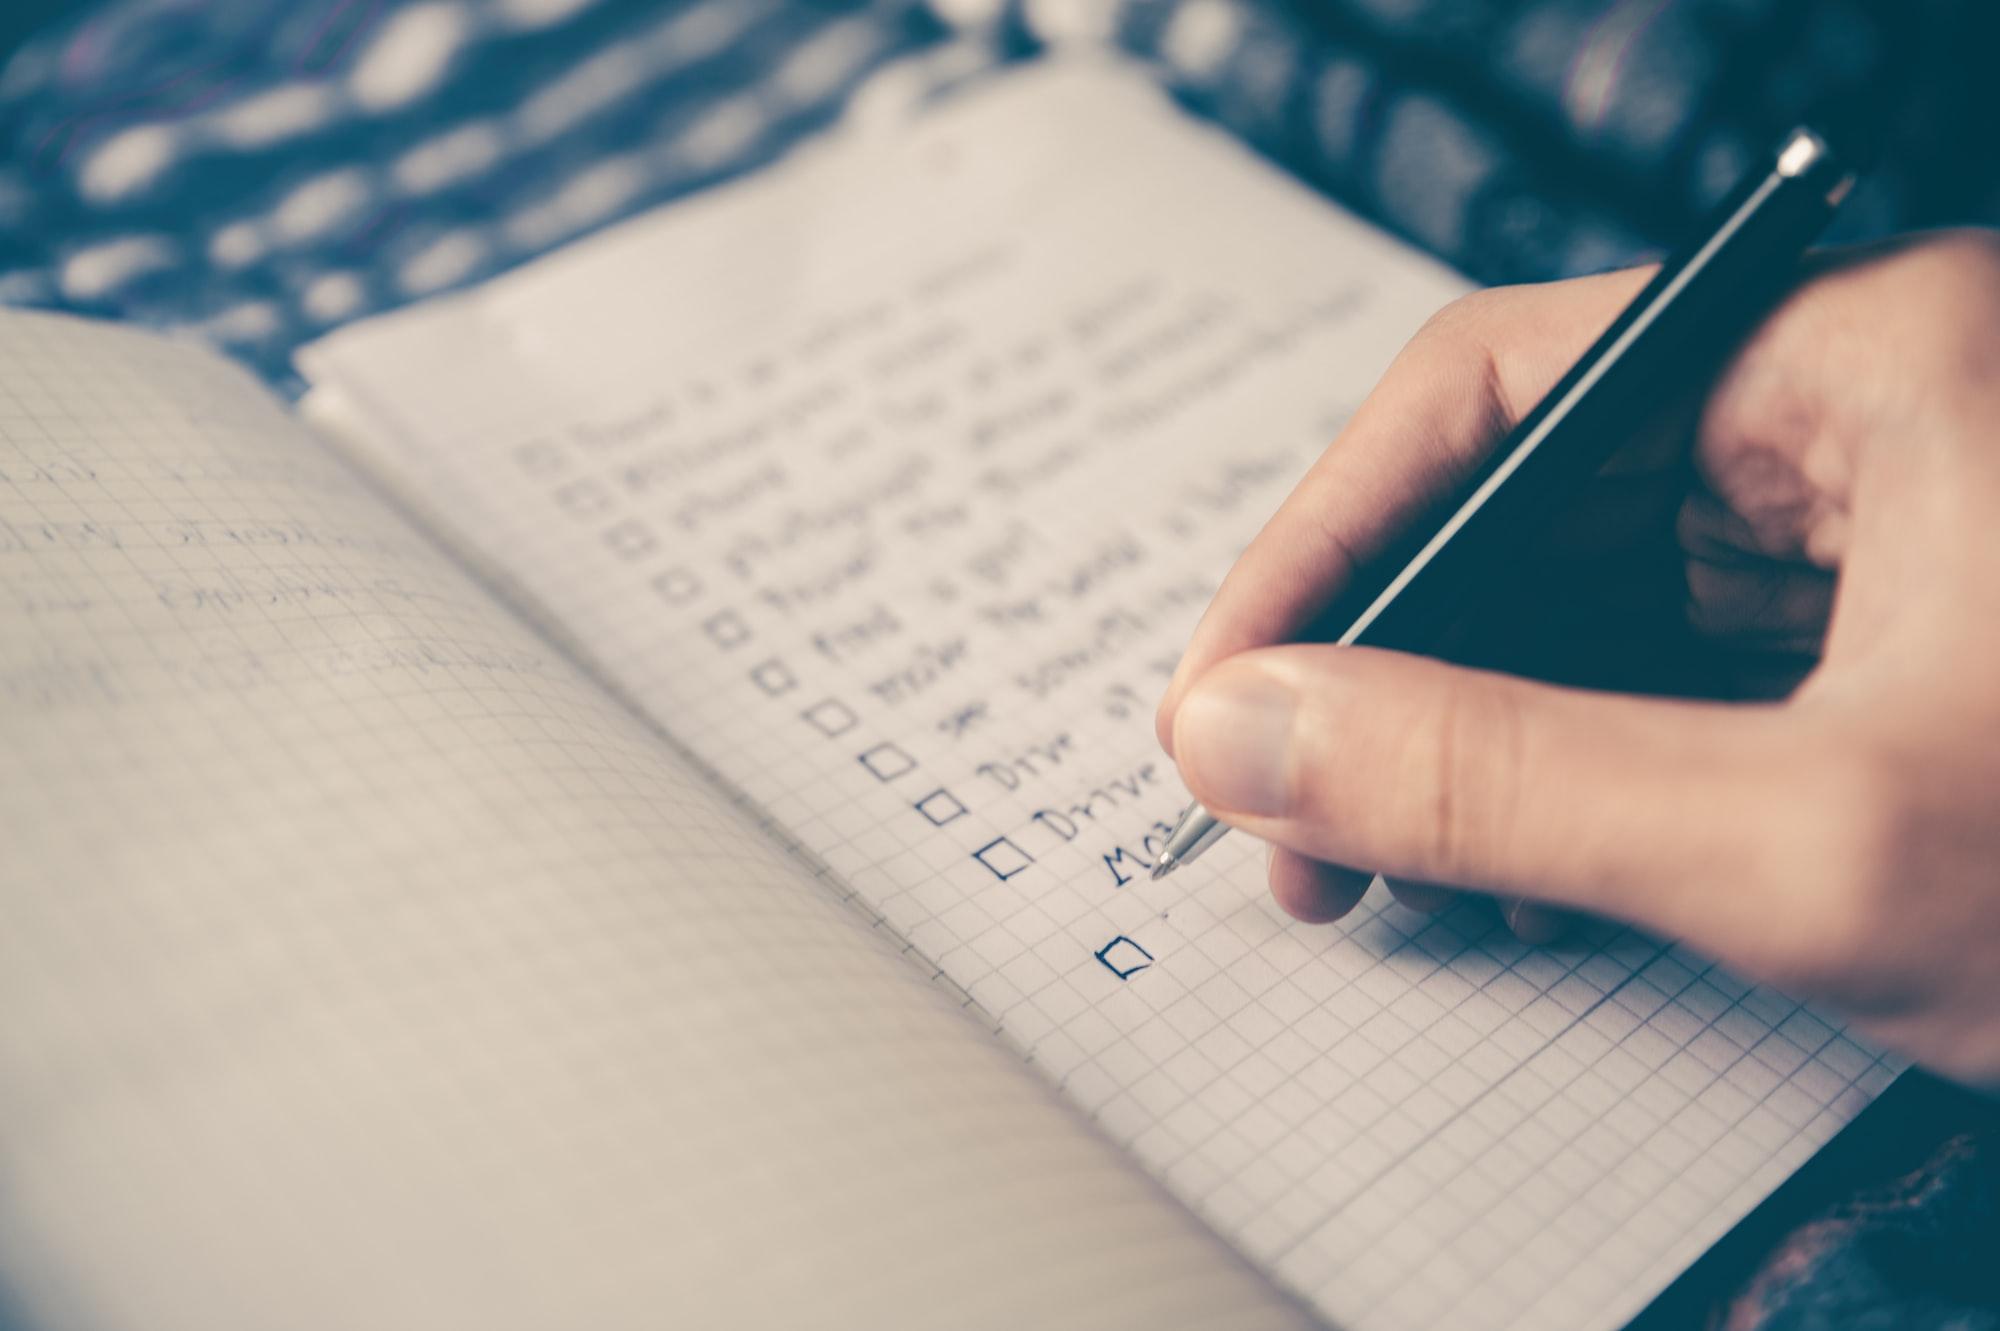 3 choses à vérifier avant de signer un Partenariat ✍️